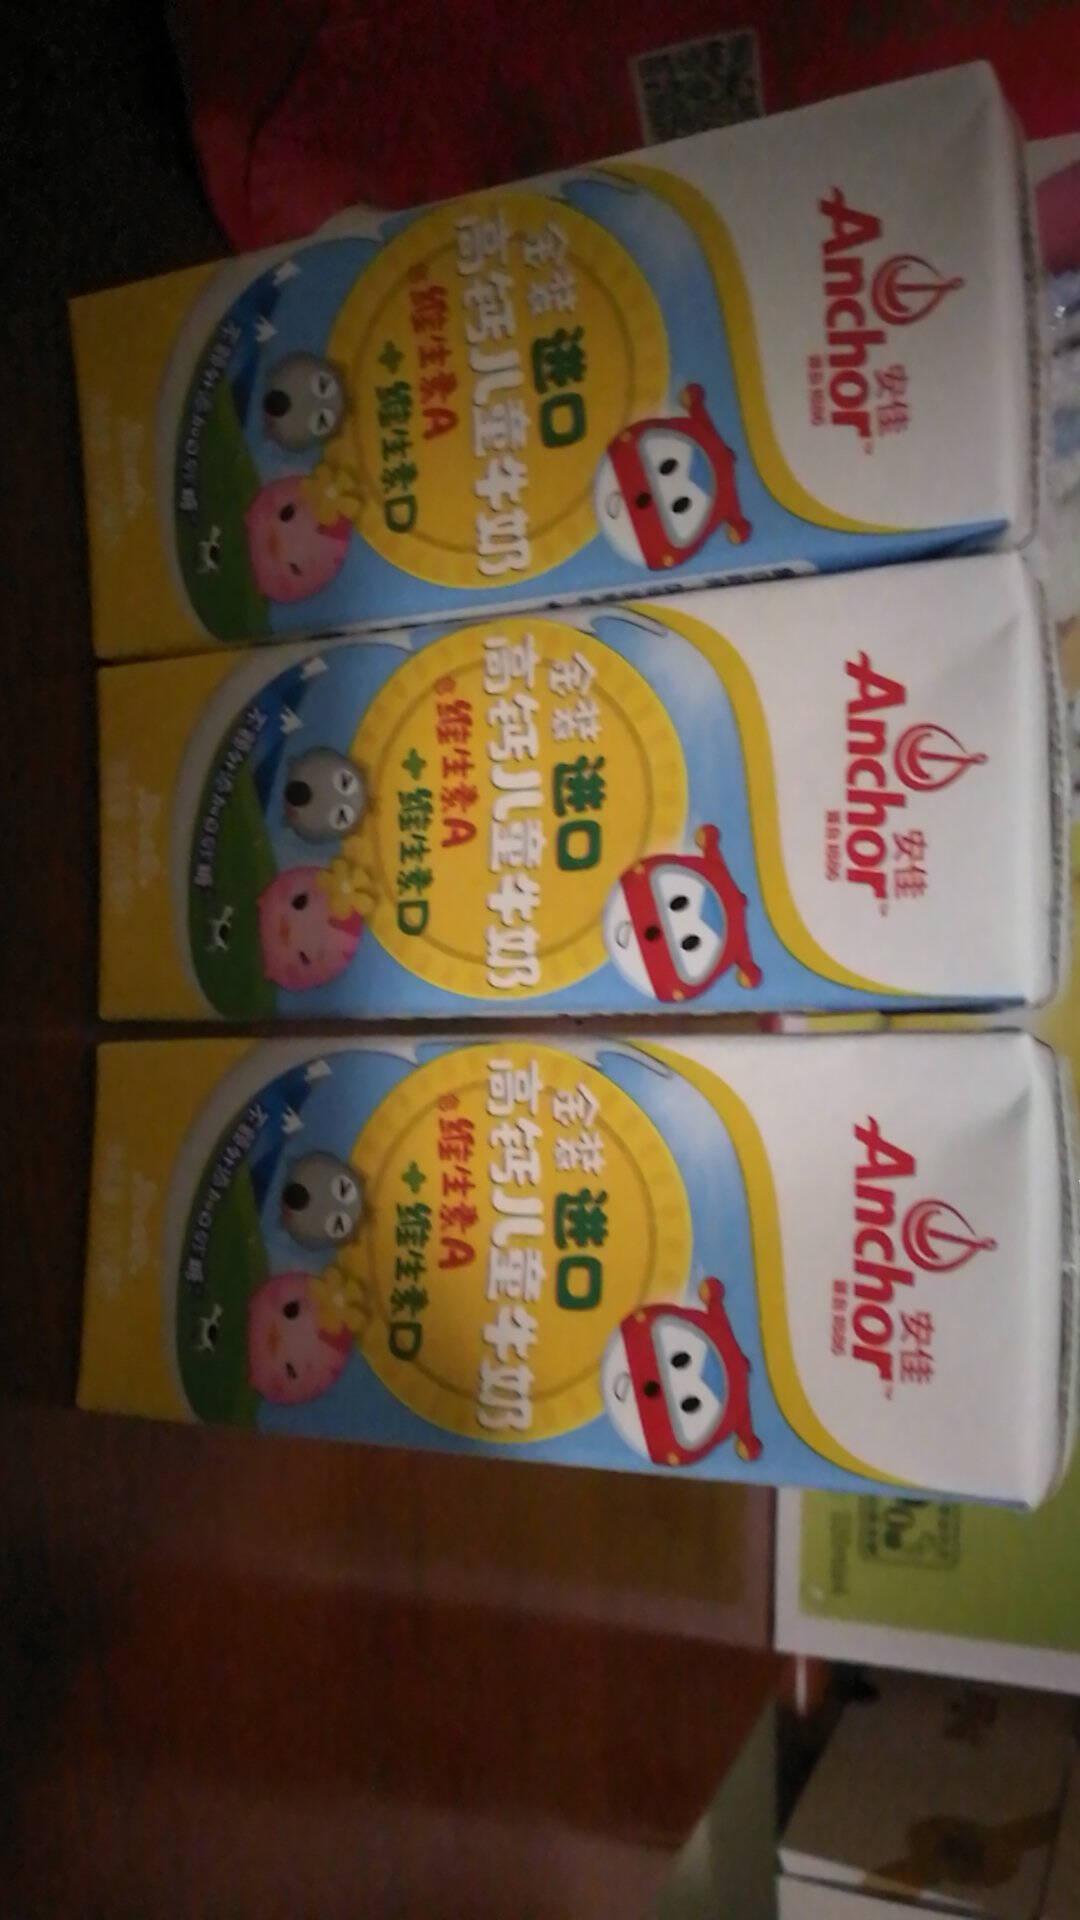 新西兰原装进口安佳(Anchor)金装高钙儿童牛奶营养早餐牛奶3.6g蛋白质190ml*27盒/箱整箱装